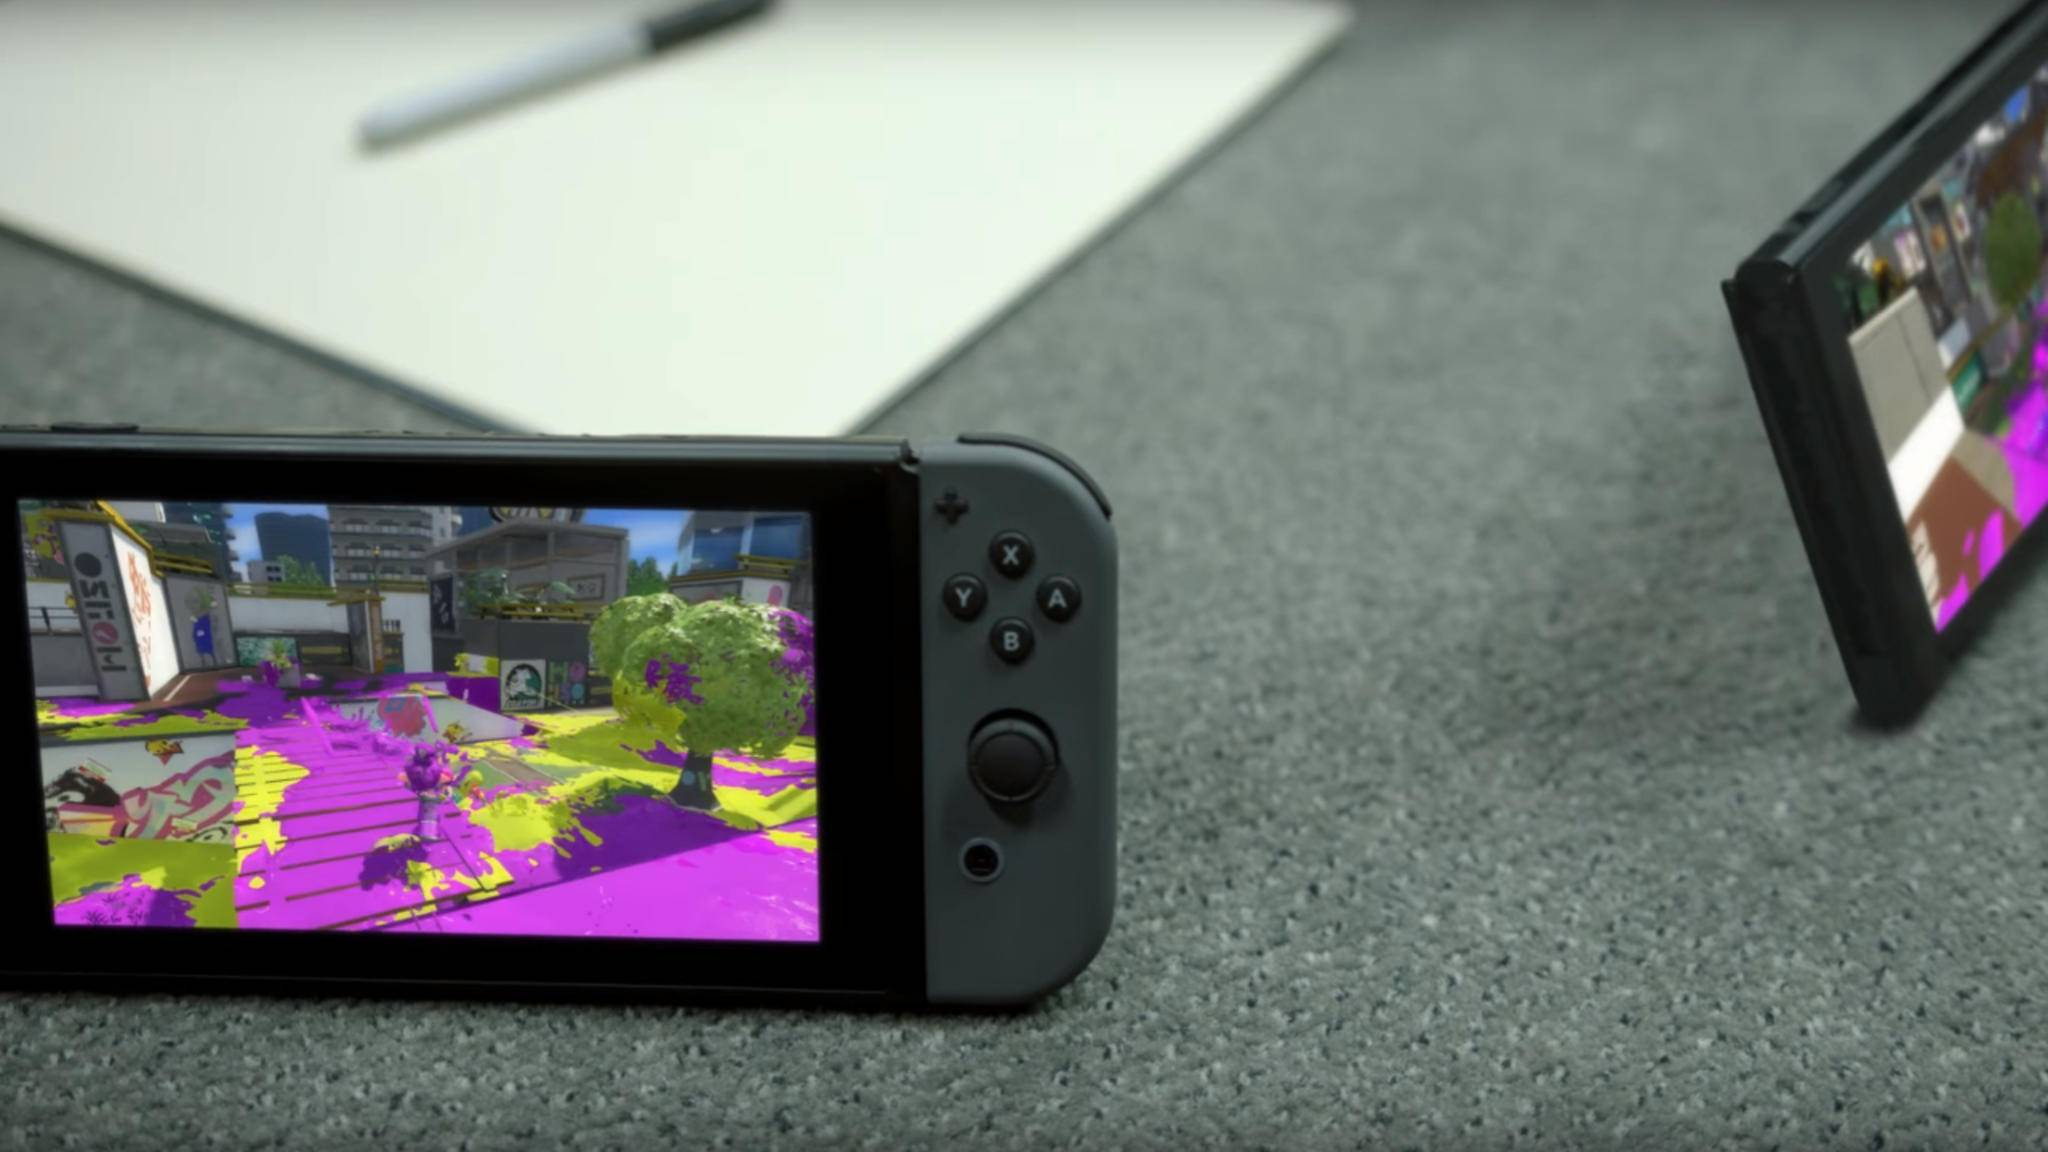 Wir schauen uns den Trailer zur Nintendo Switch genauer an.